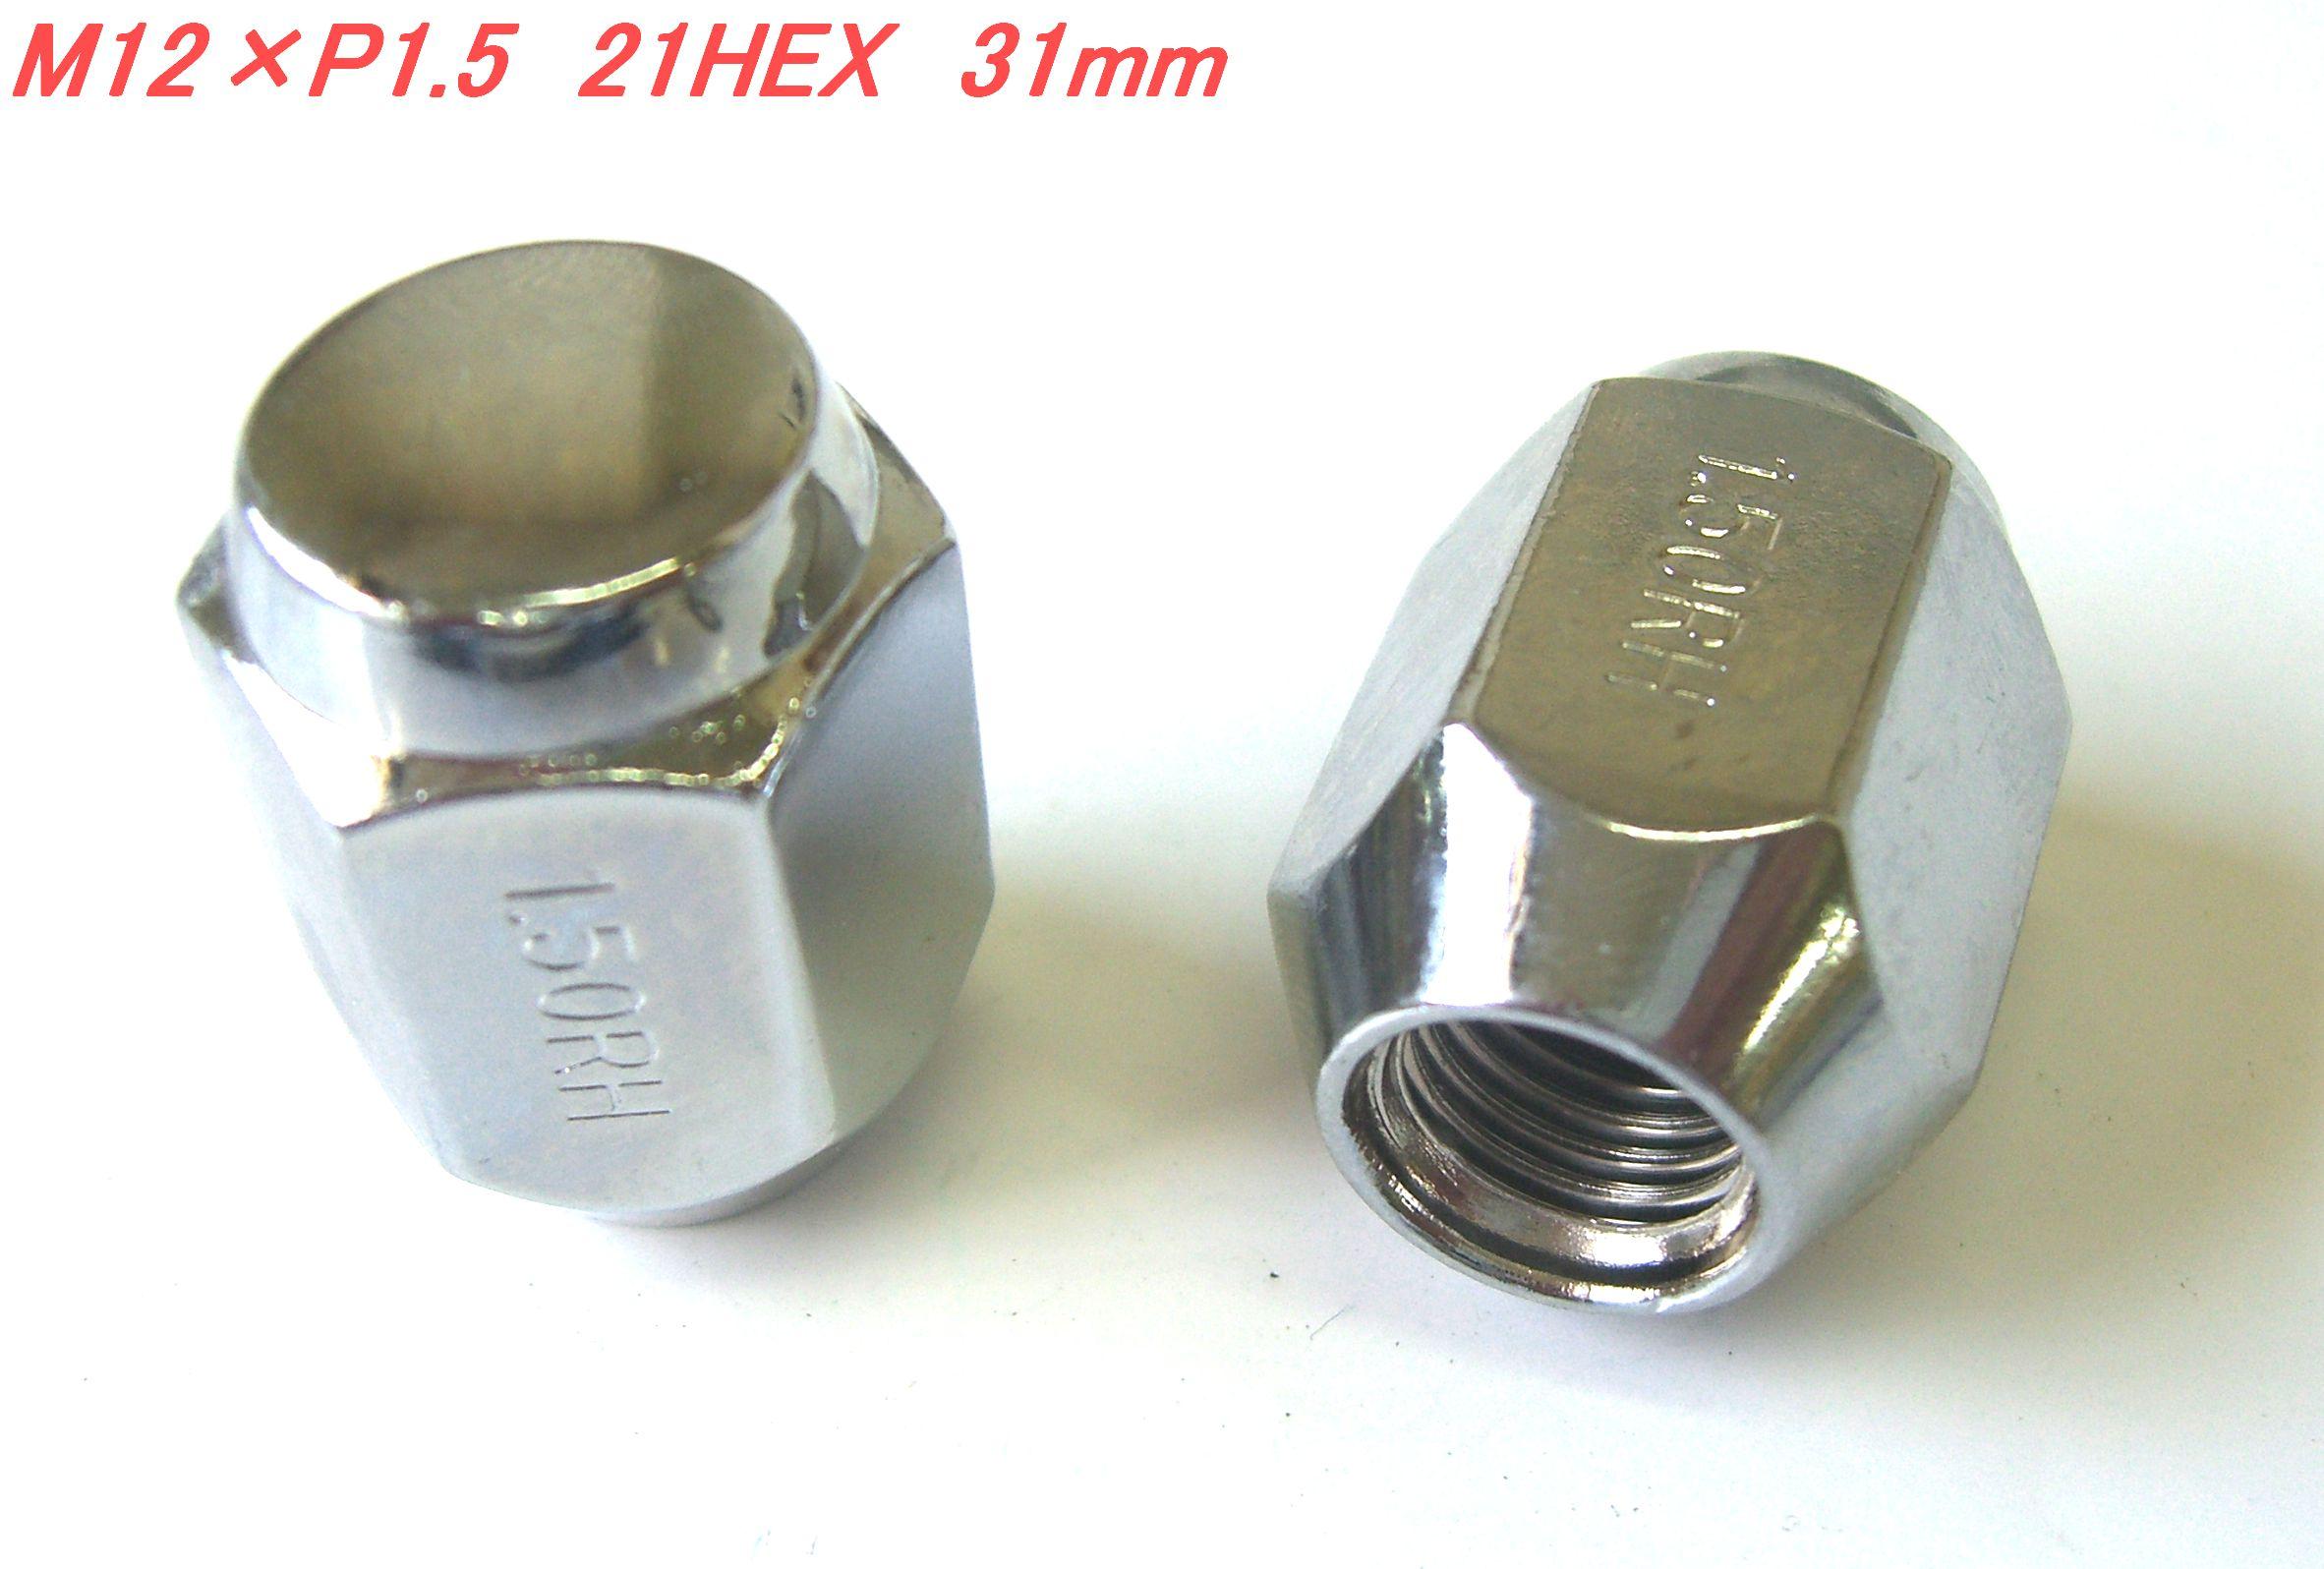 ラグナット M12×P1.5 21HEX 全長 31mm